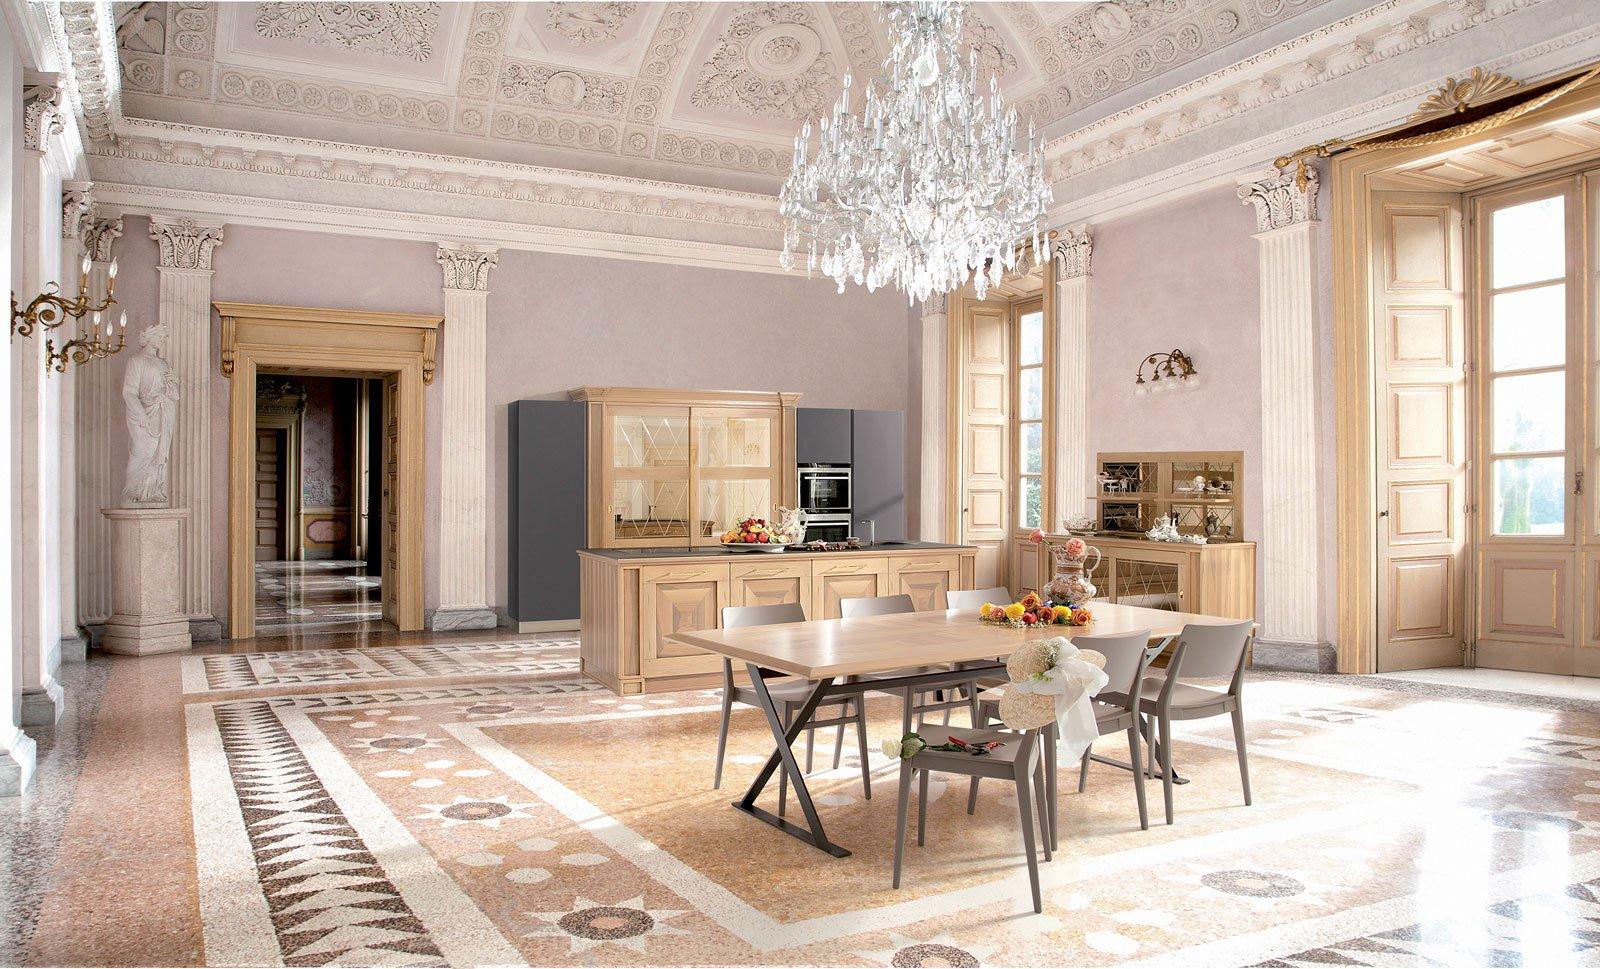 Cucine classiche in legno o laccate cose di casa for Foto di case arredate classiche